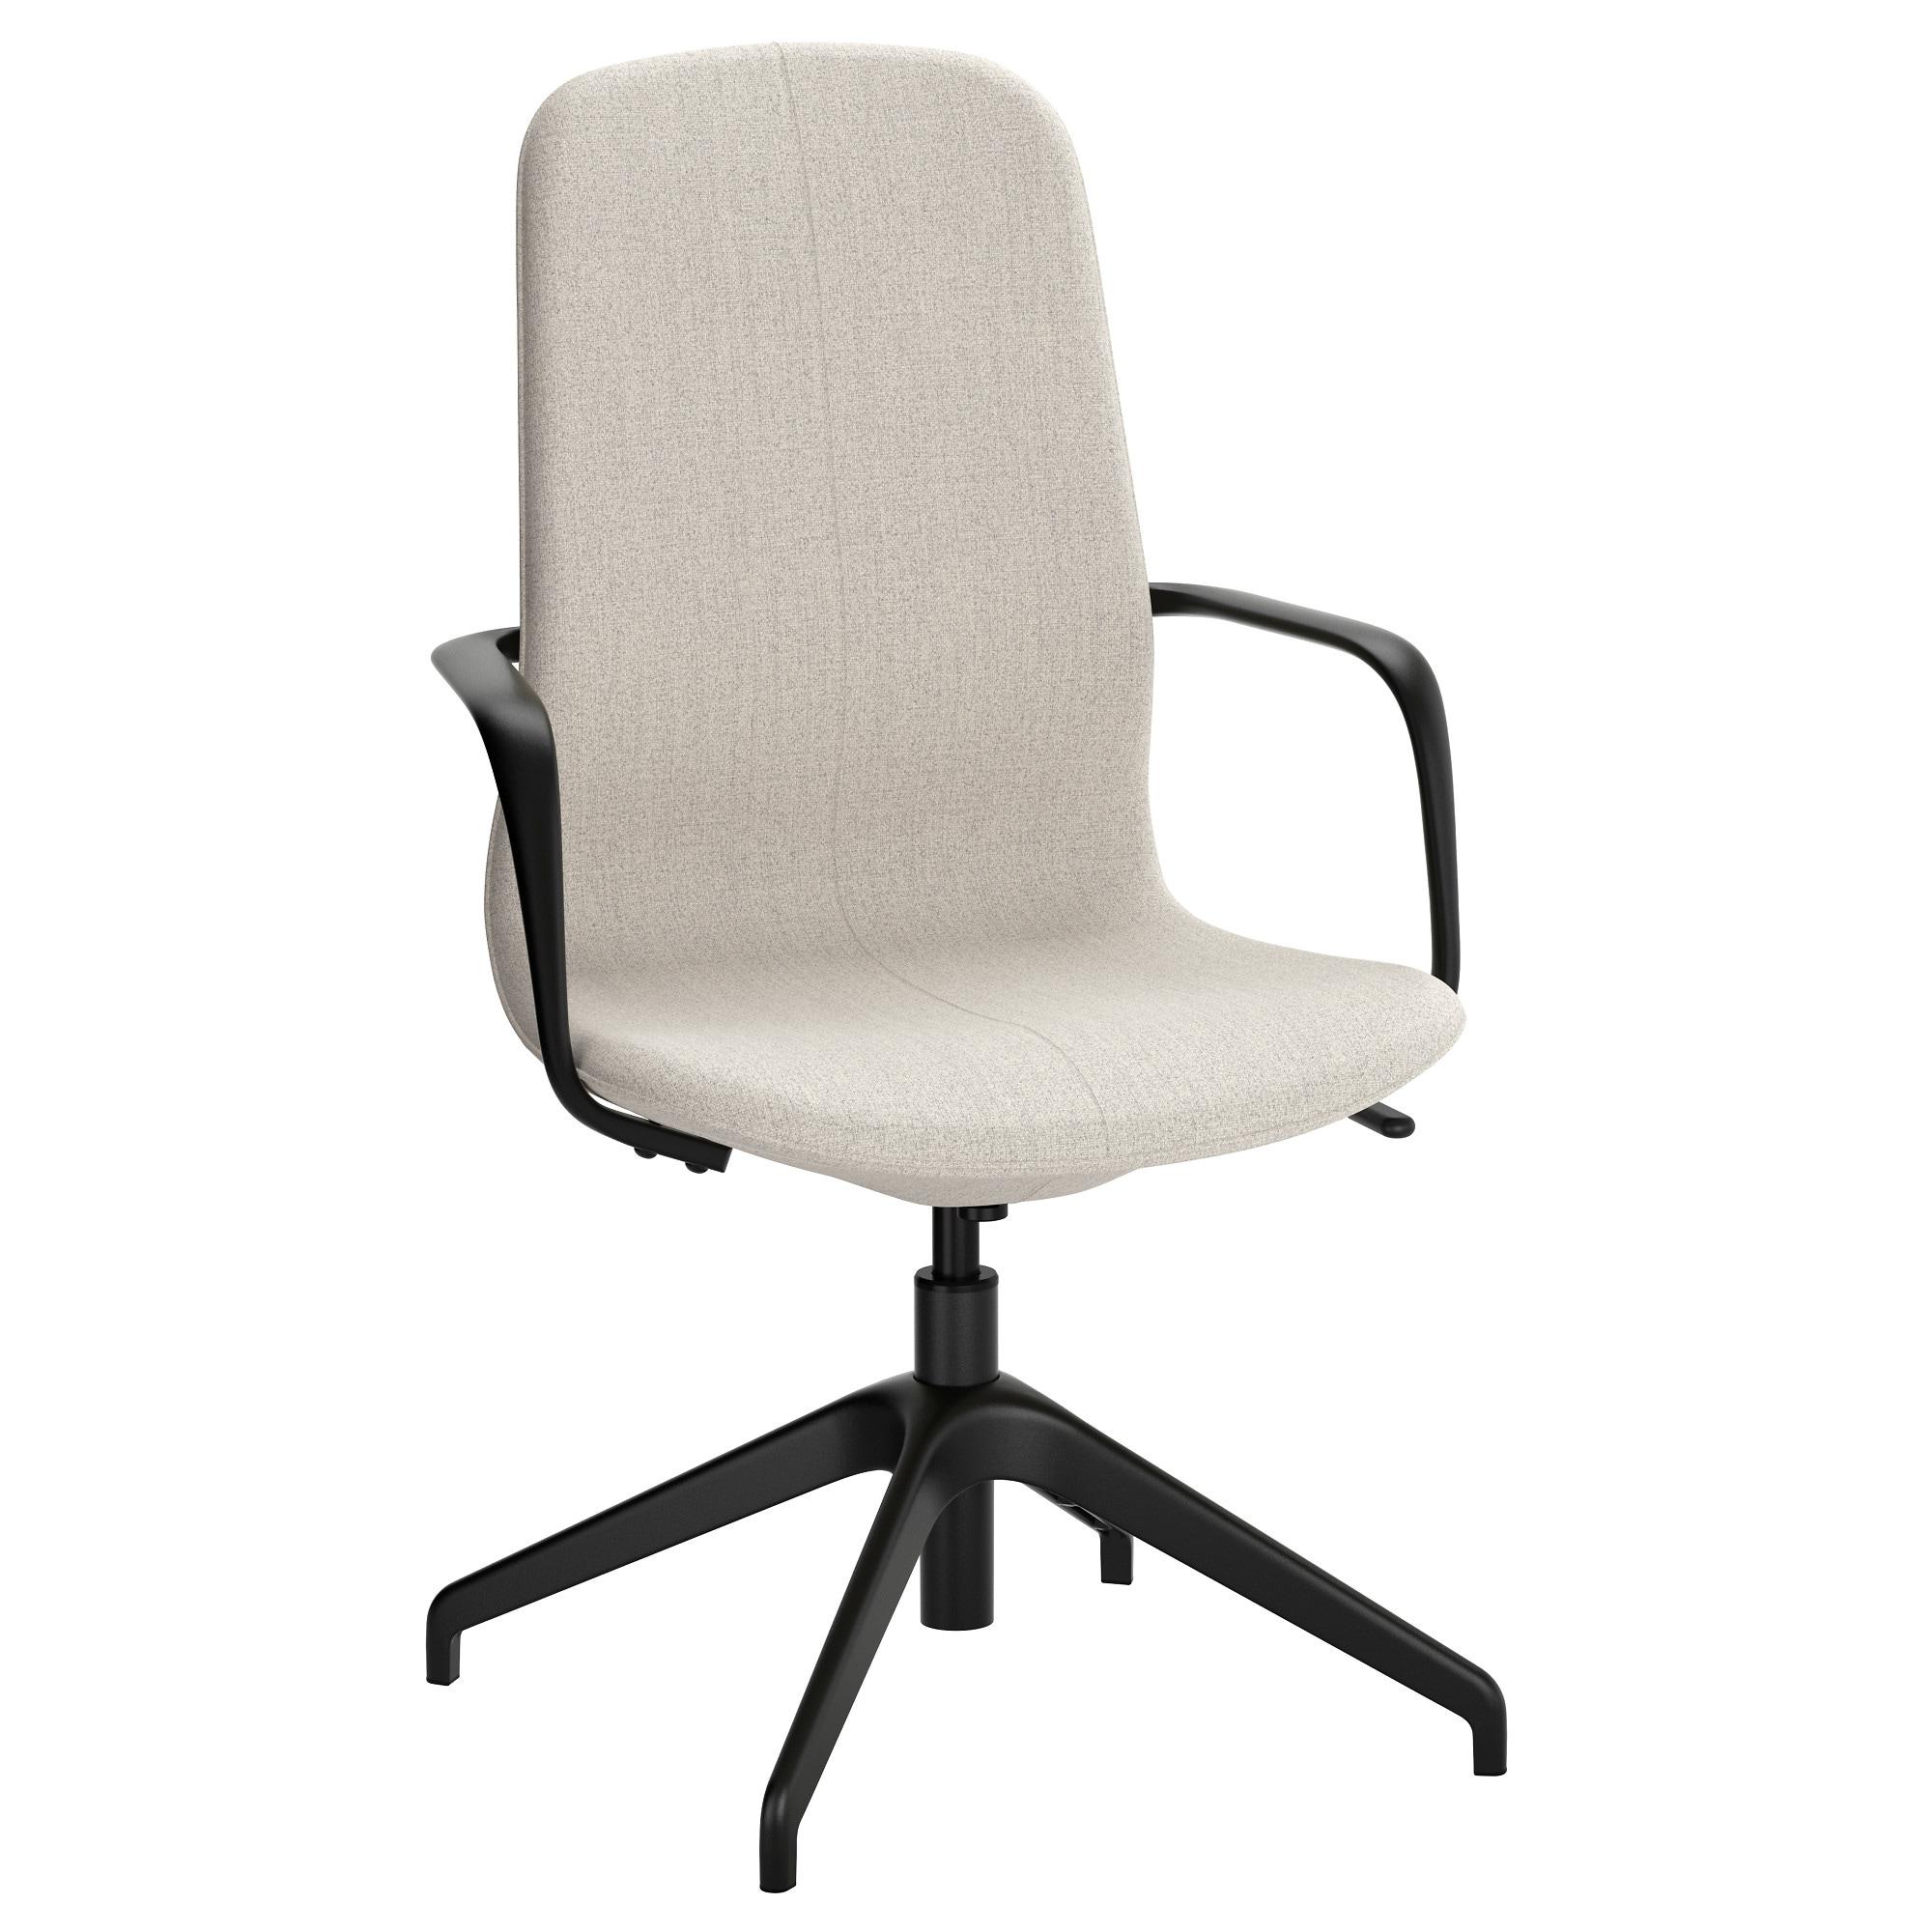 Sillas Despacho Ikea X8d1 Sillas De Oficina Y Sillas De Trabajo Pra Online Ikea